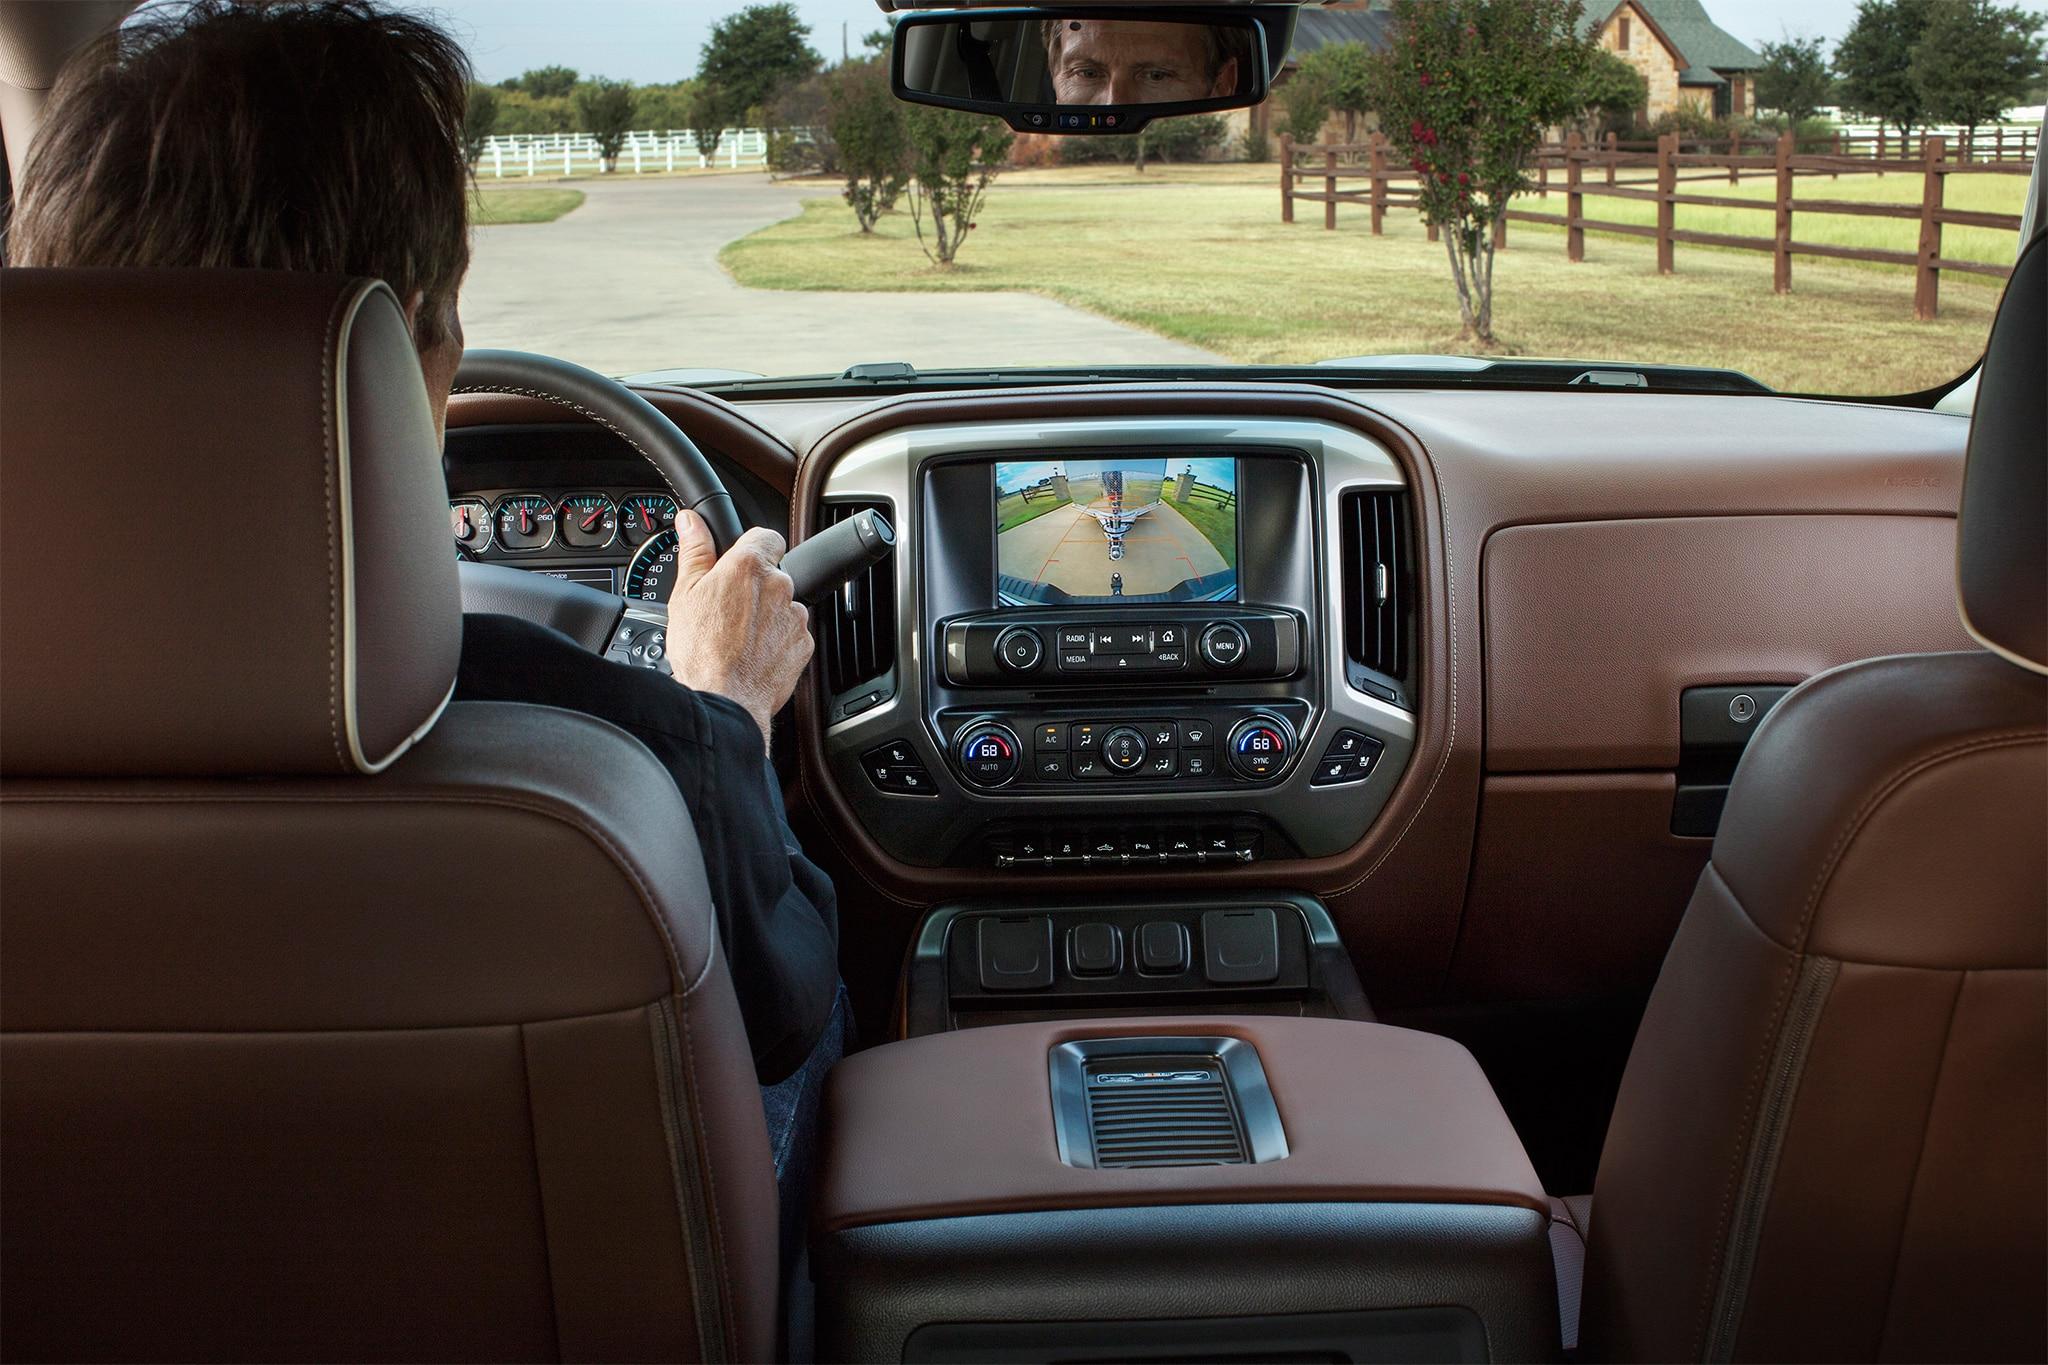 2016 Chevrolet Silverado Rally Edition Debuts in Texas | Automobile Magazine